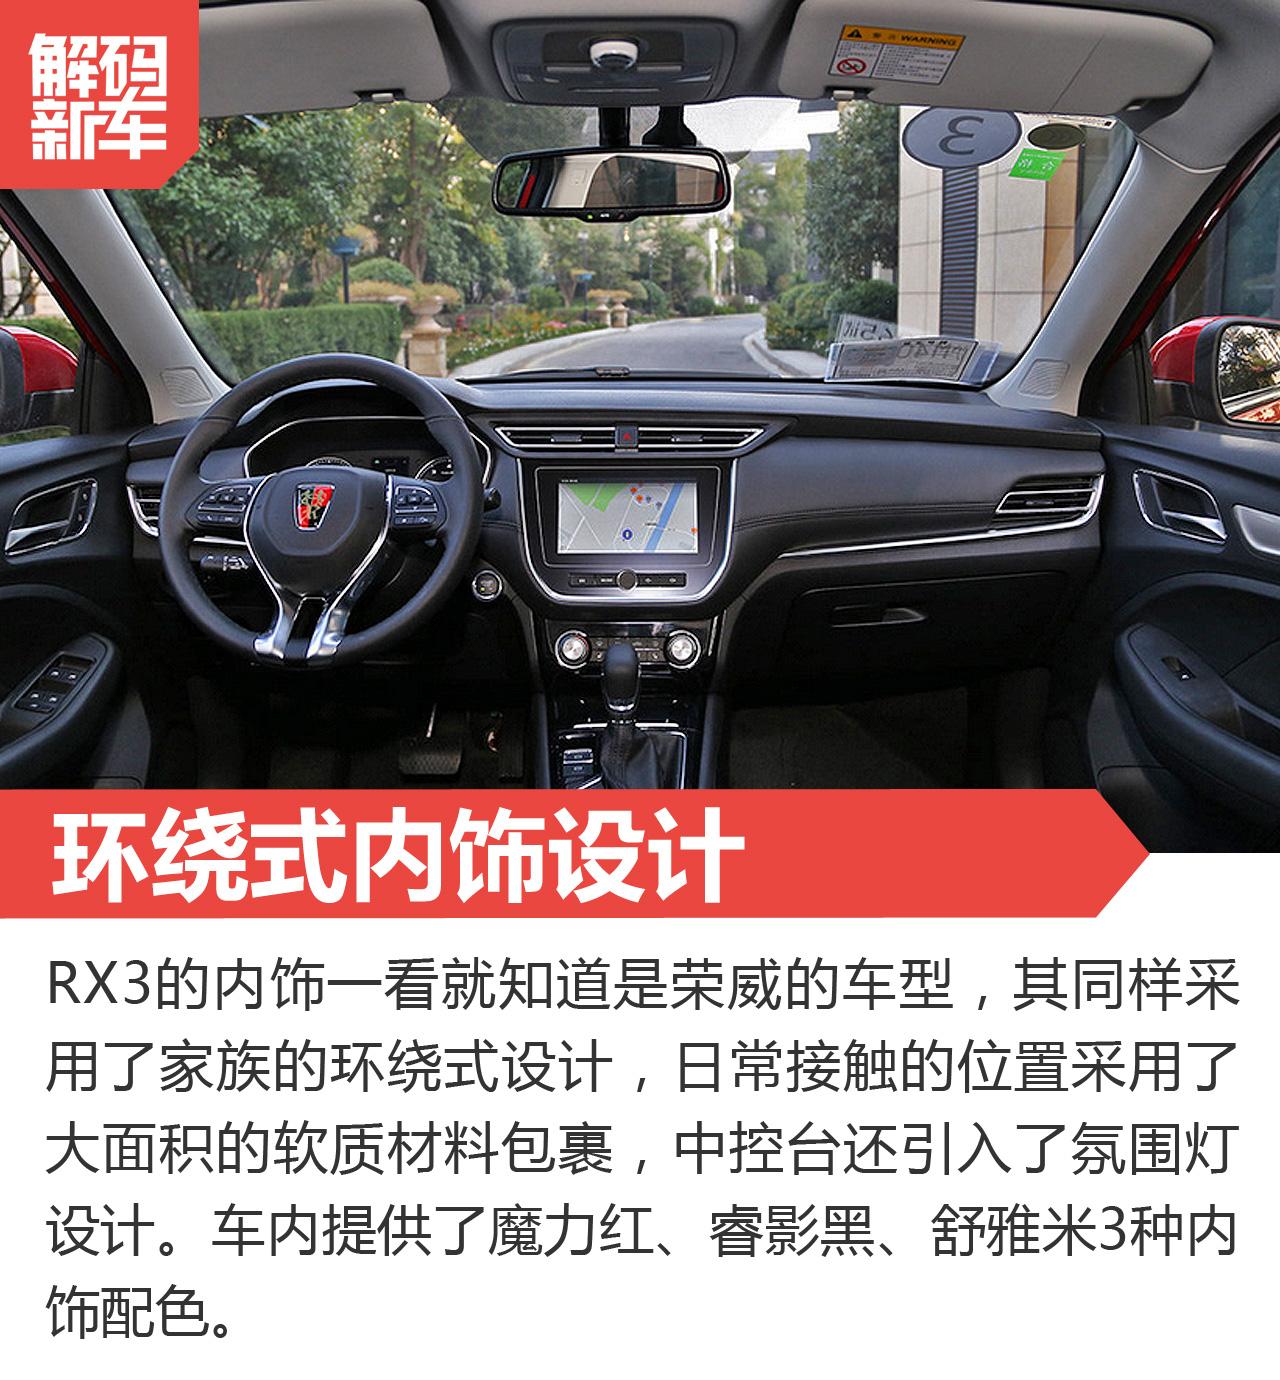 技多不压身 上汽荣威RX3到底怎么样?